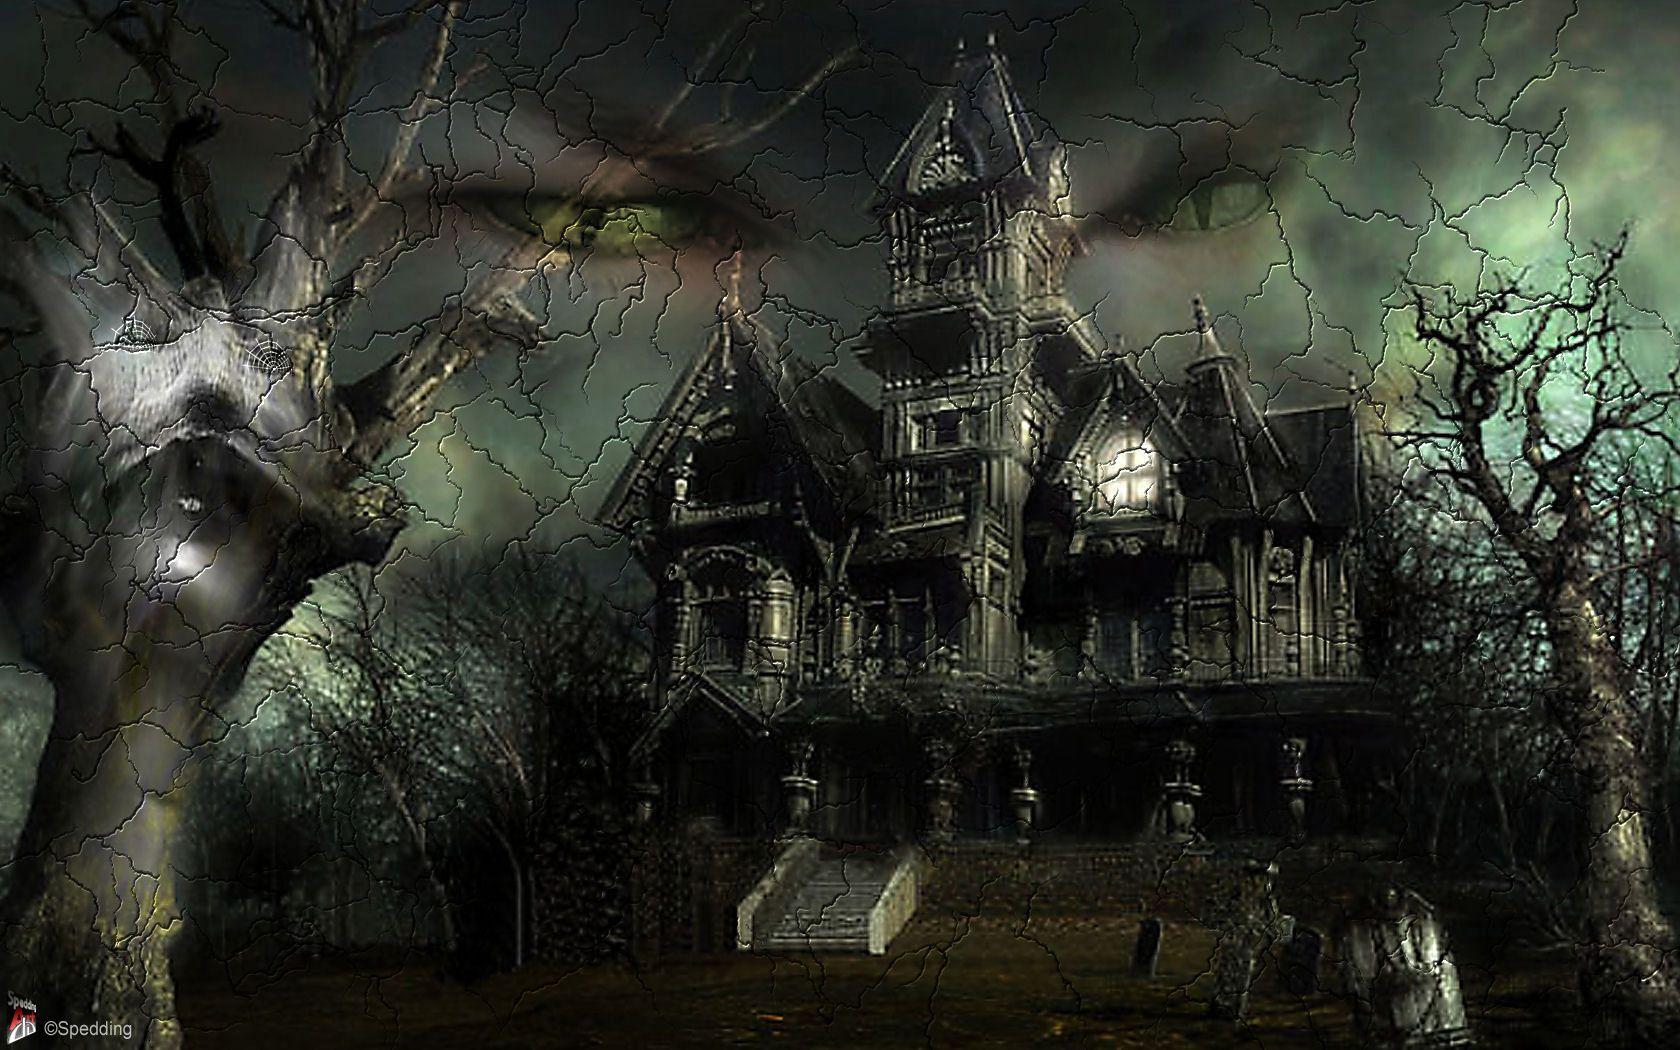 spooky profile picture